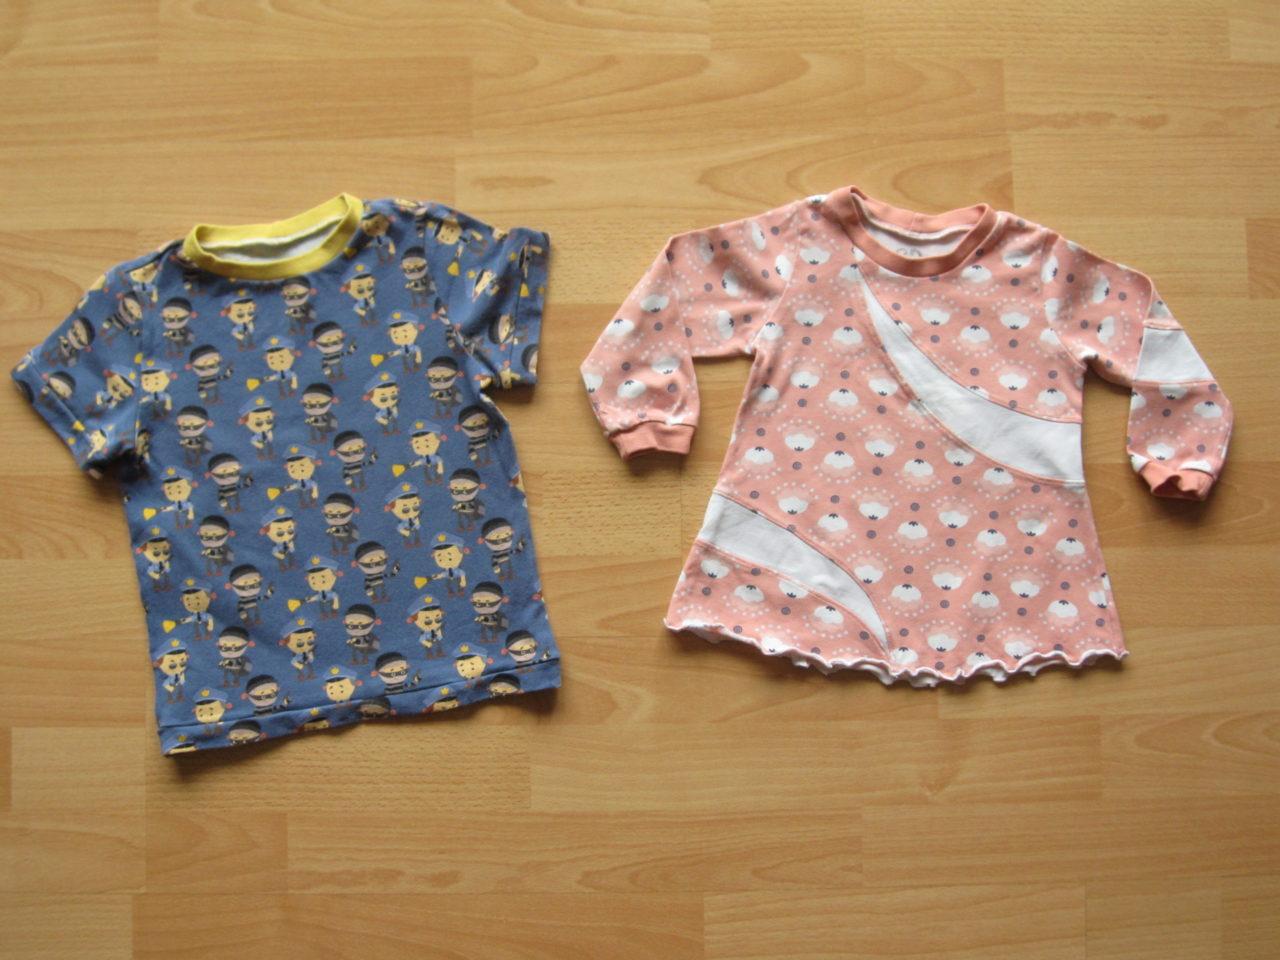 Geschwisterset aus T-Shirt und langarm Tunika